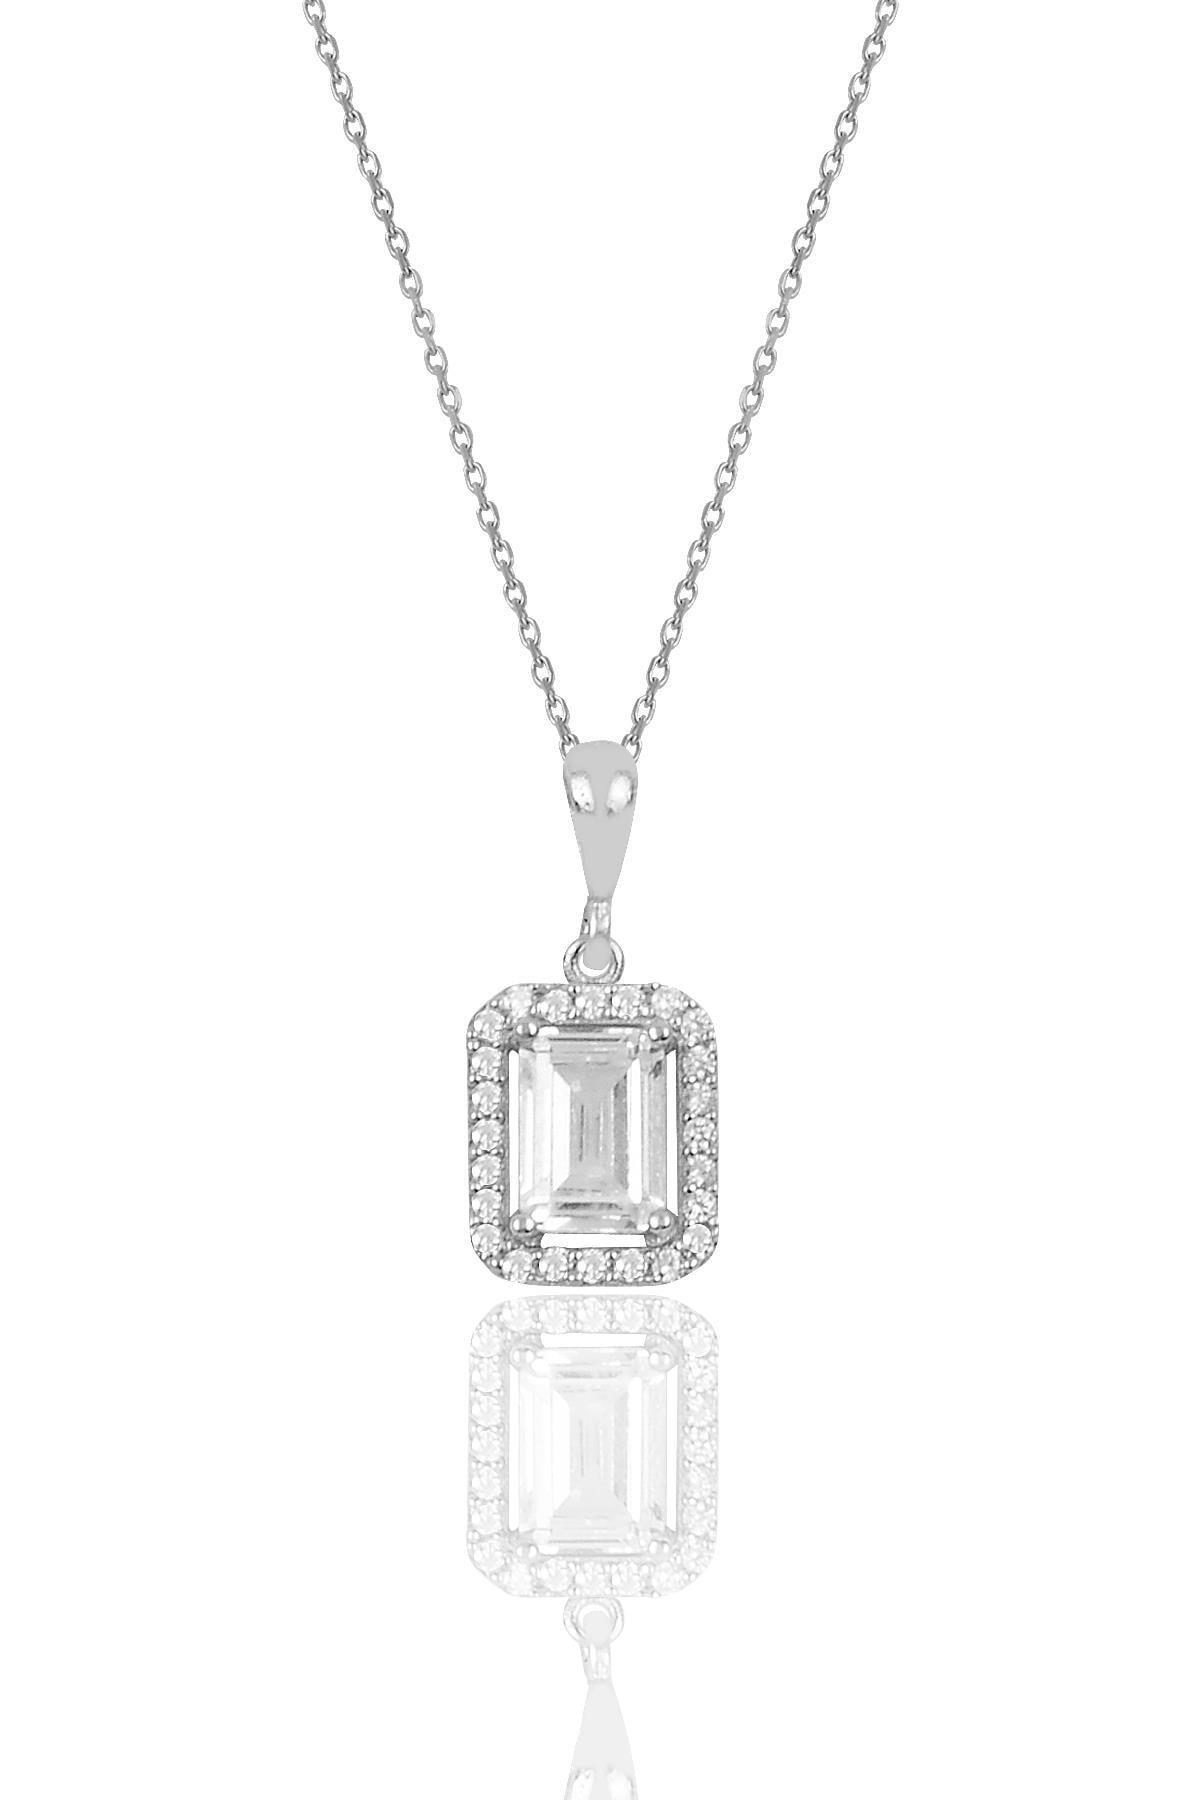 Söğütlü Silver Gümüş Baget Taşlı İkili Set Sgtl10059Rodaj 1